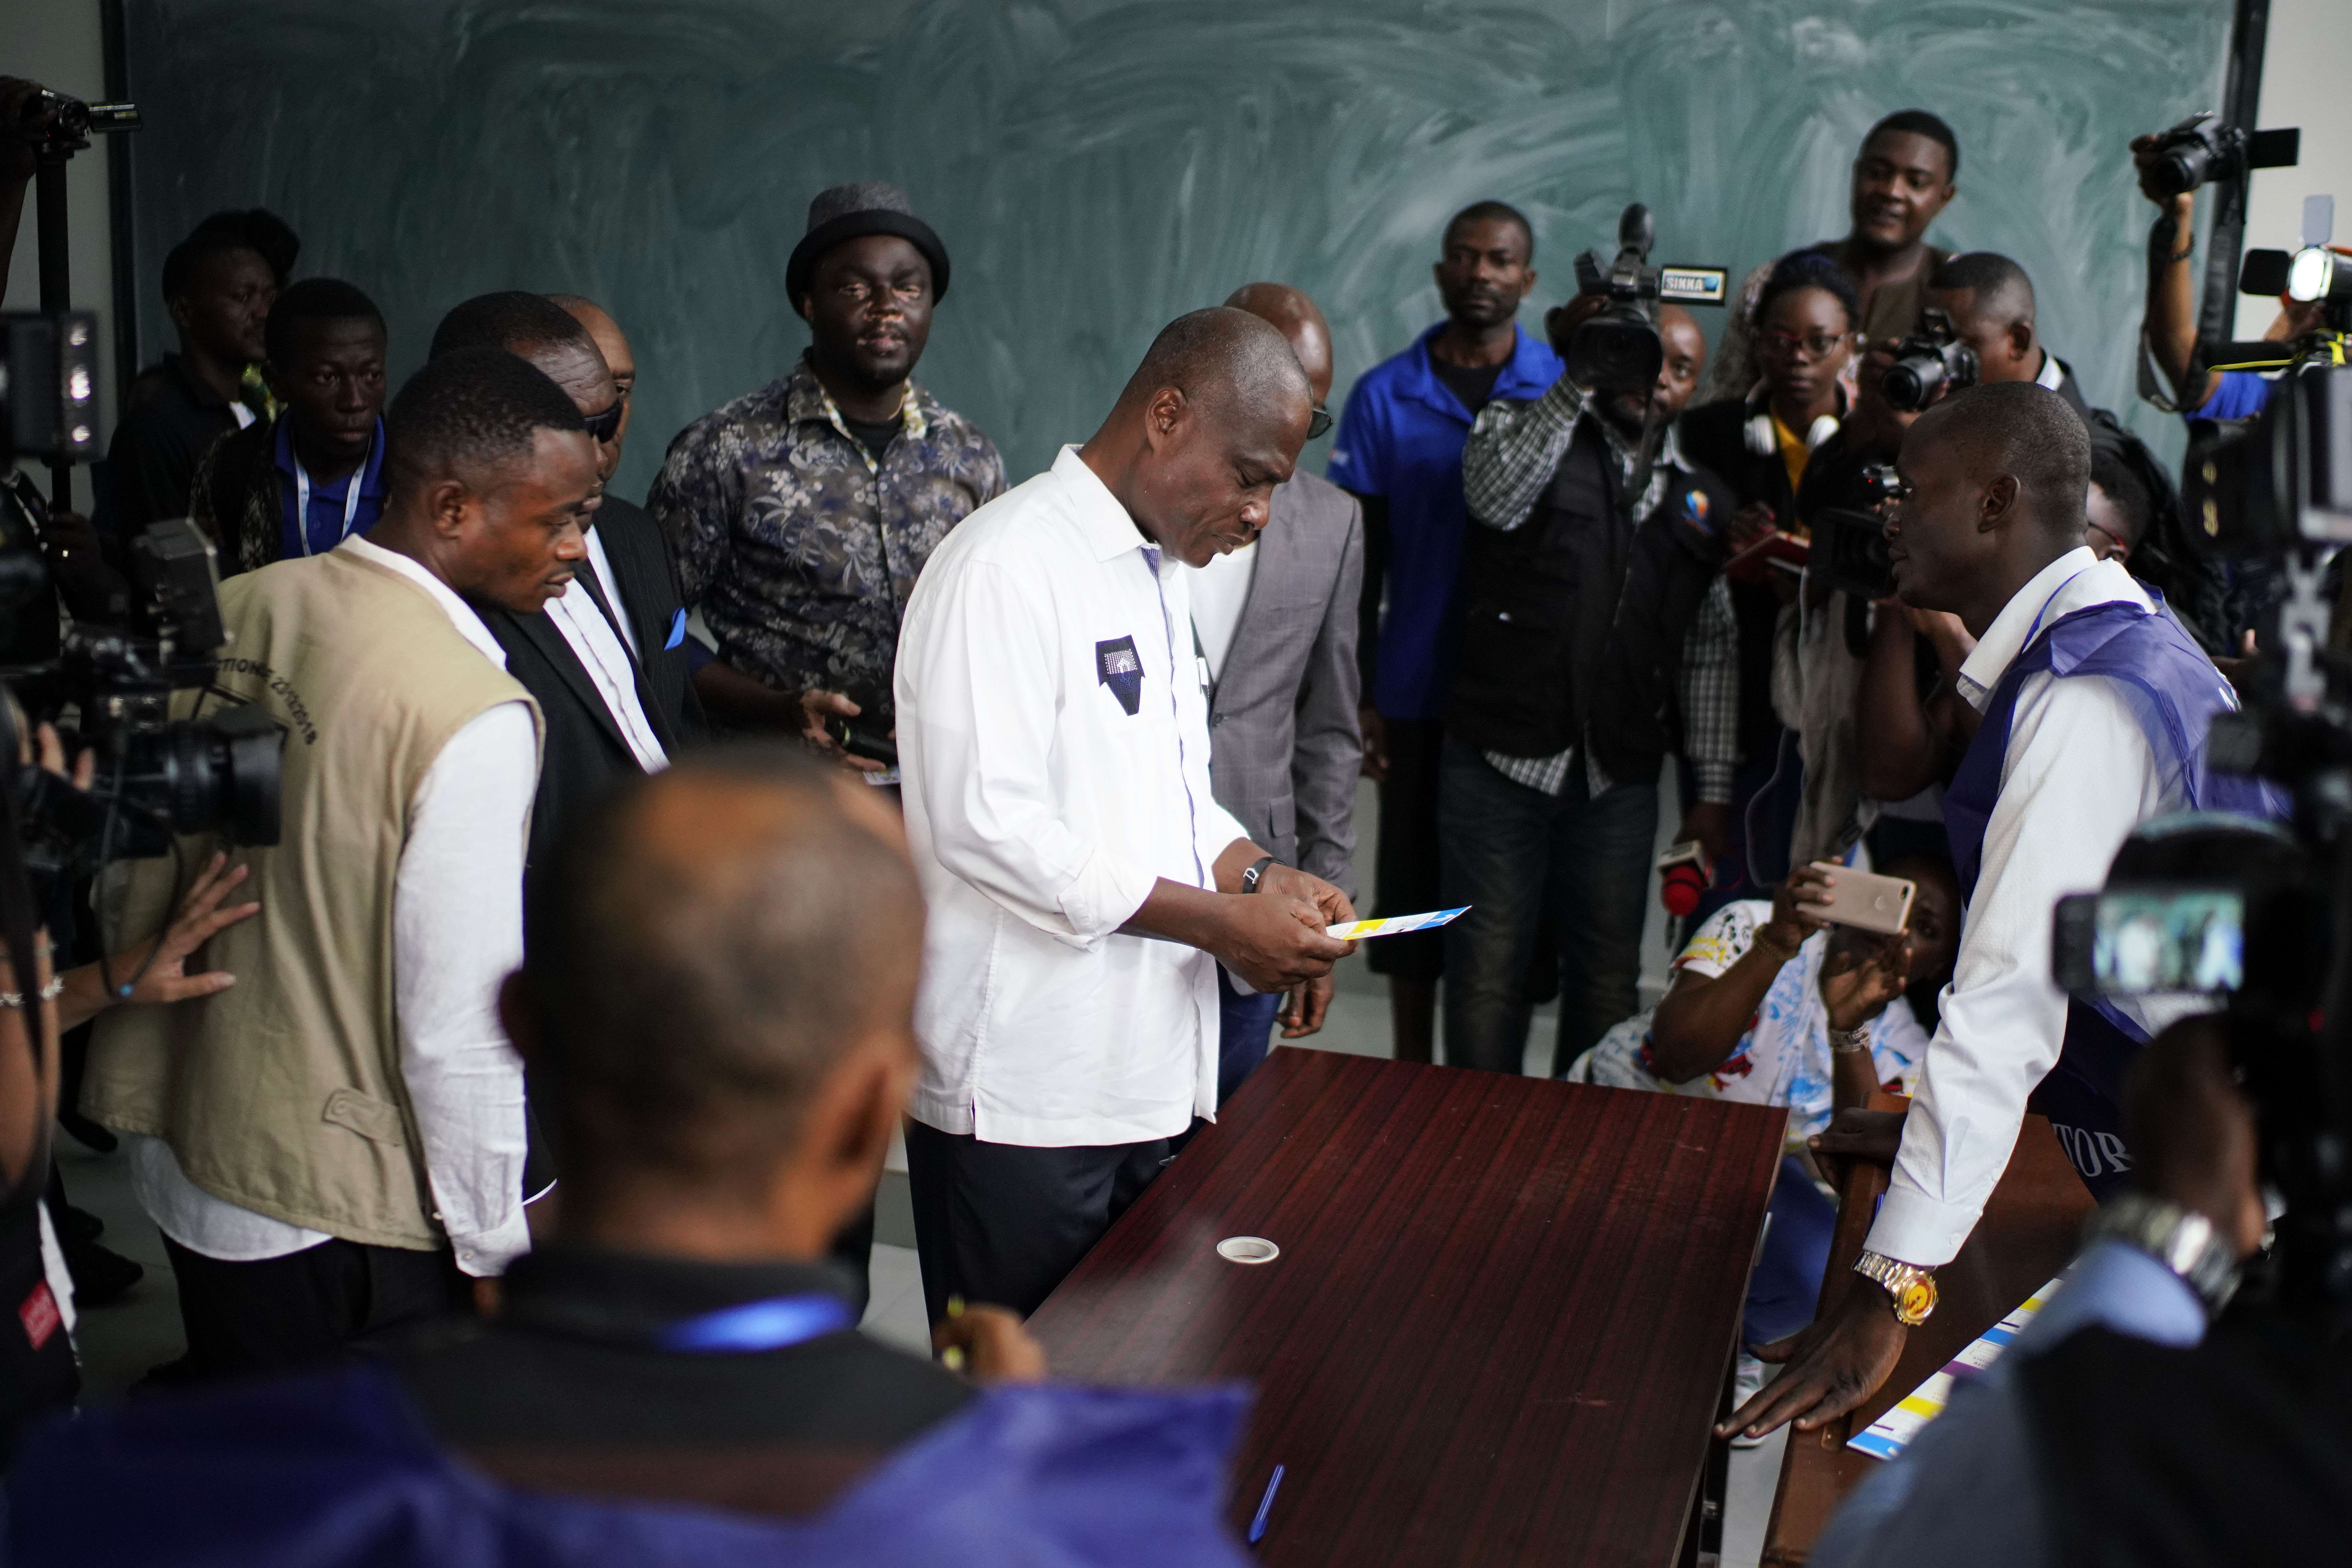 Le candidat de l'opposition Martin Fayulu, au centre, arrive pour voter dimanche 30 décembre 2018 à Kinshasa.